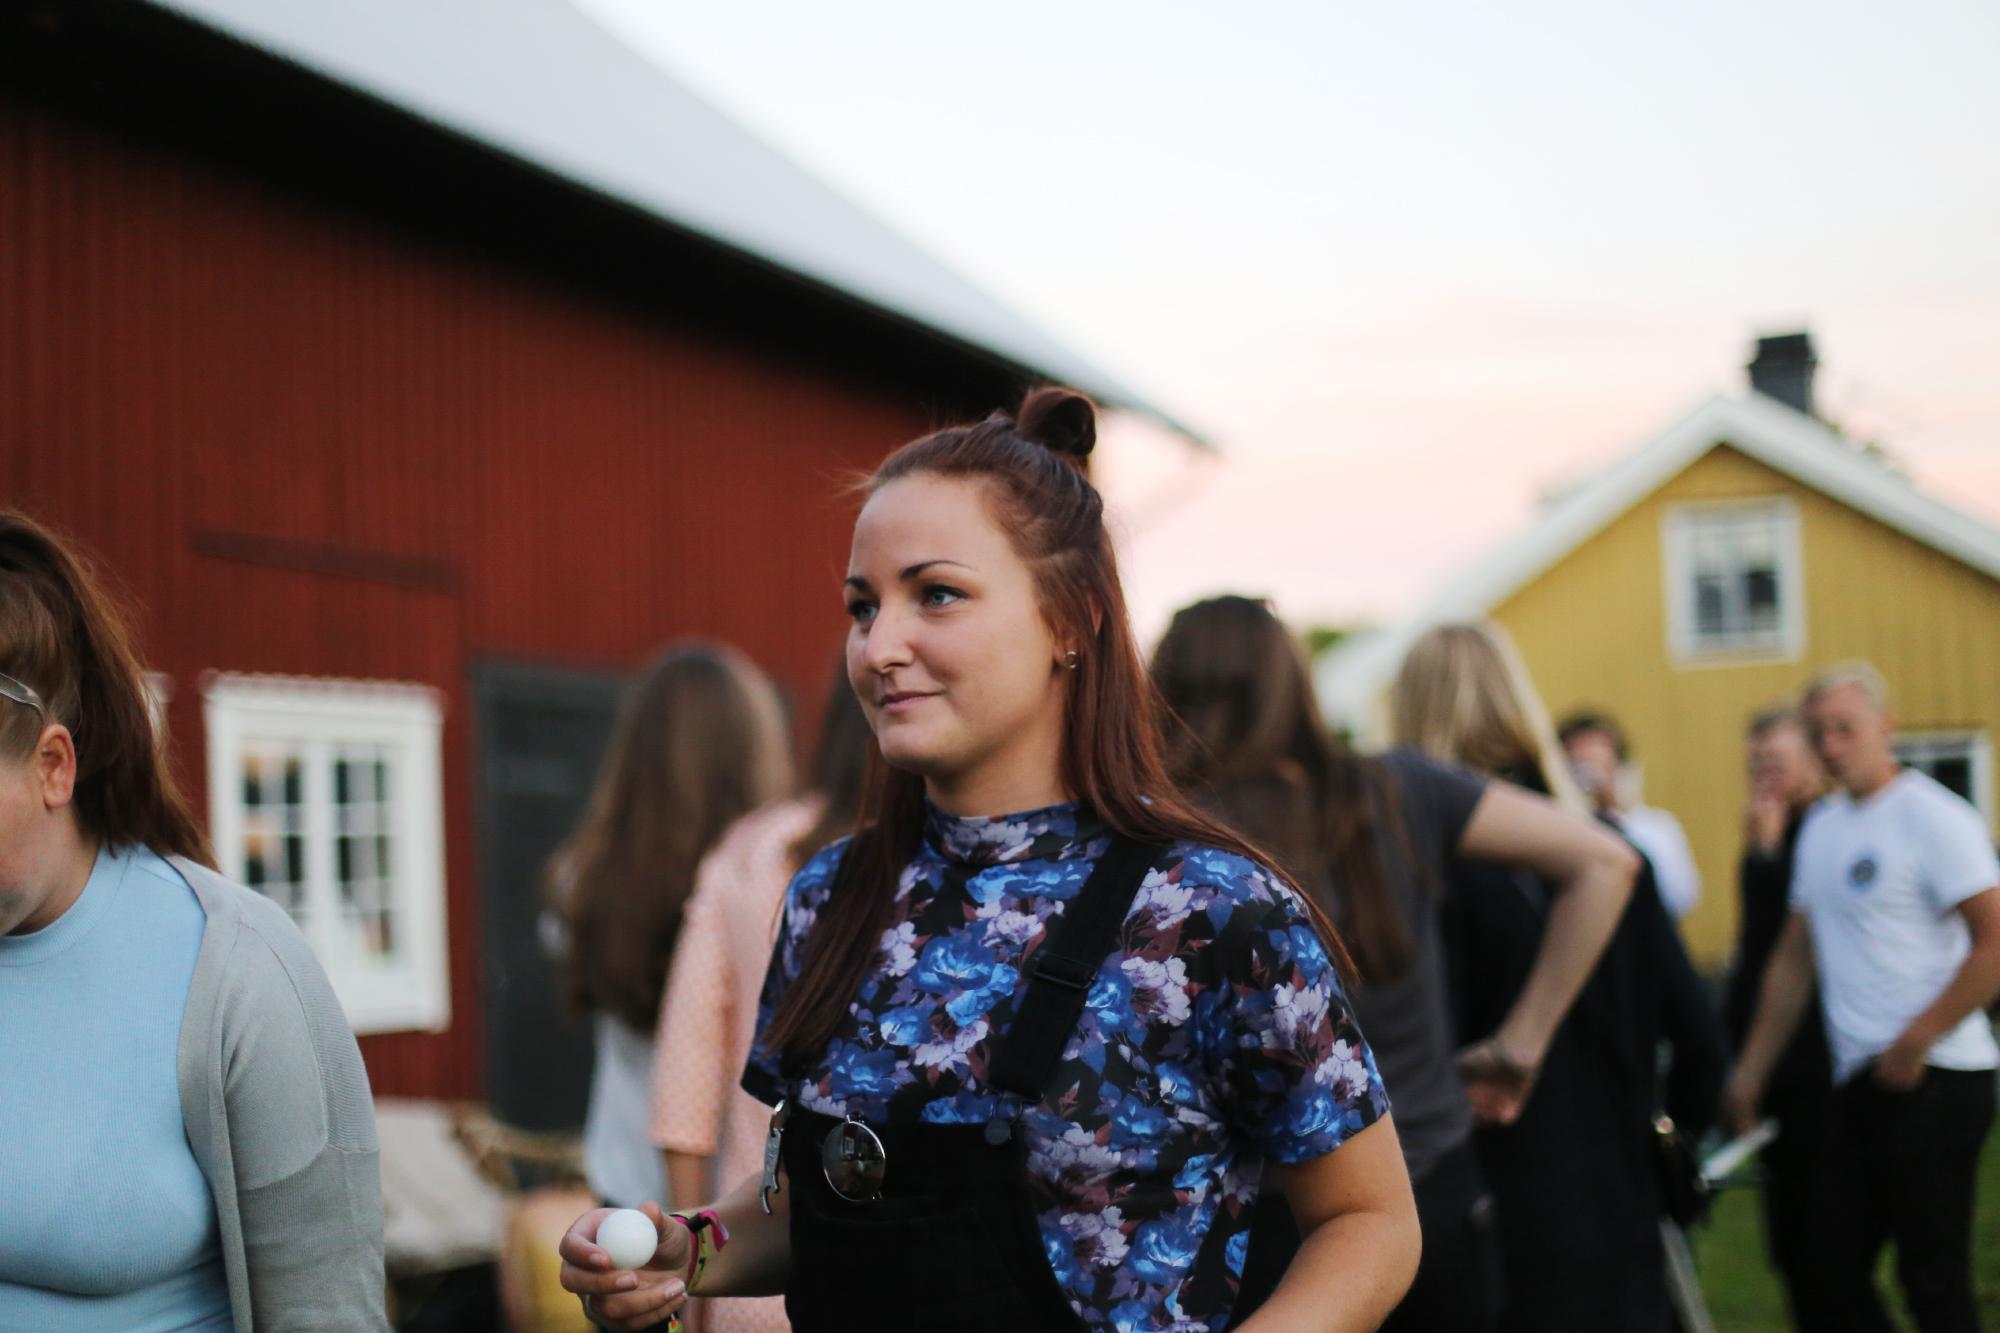 hundraårsfesten-sara edström49